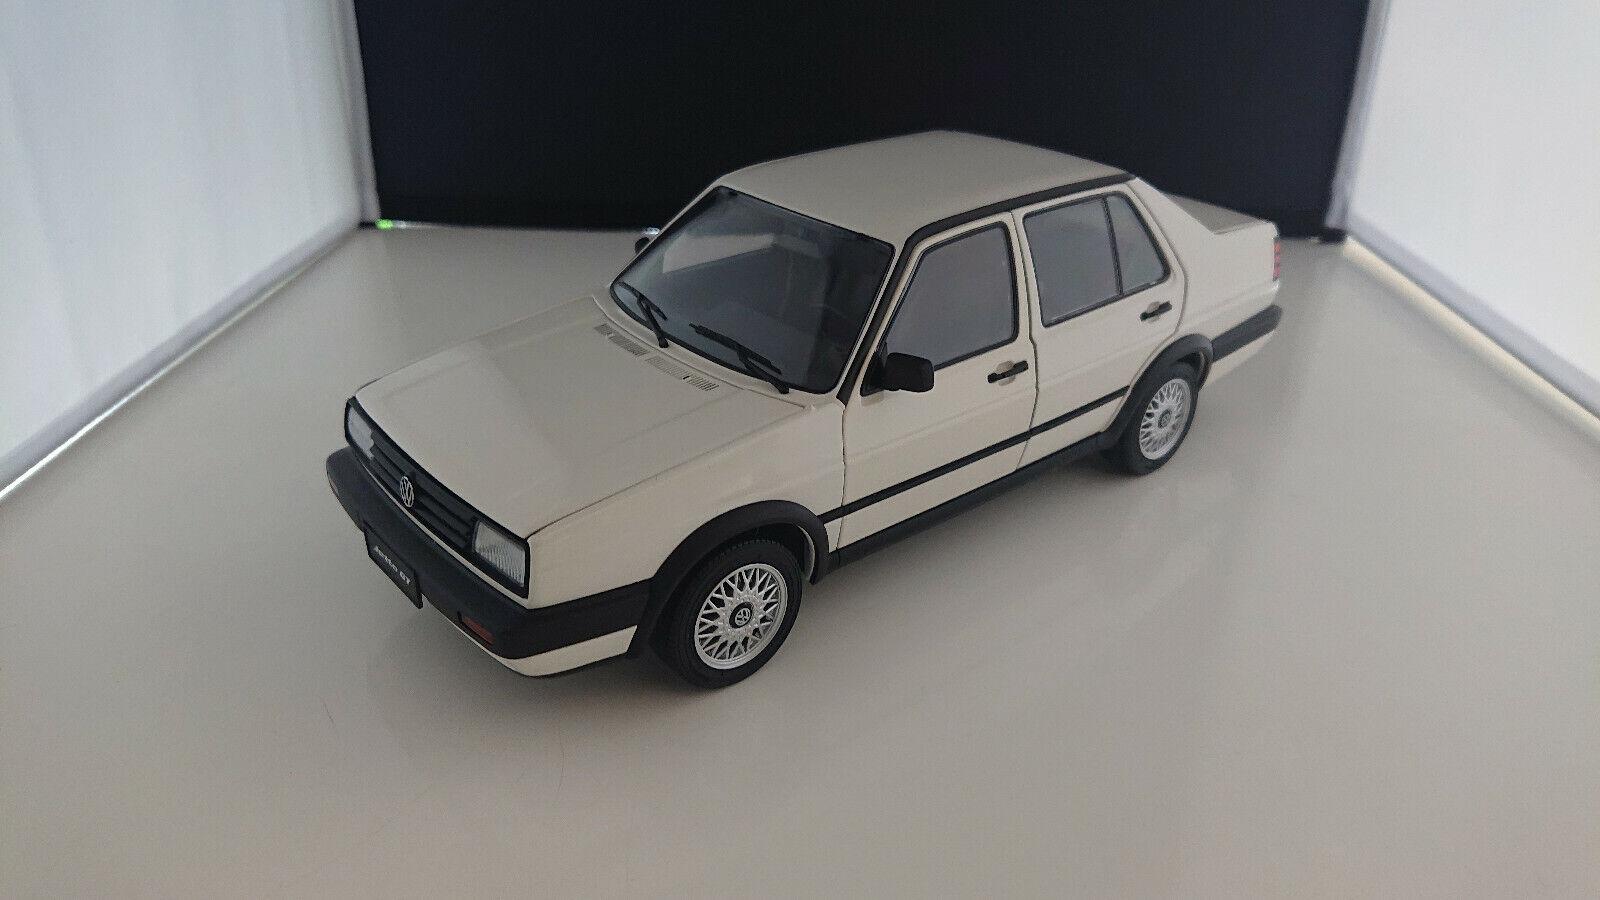 1 18 misión Model VW Jetta GT 1989 blancoo muy raramente DIECAST nuevo en el embalaje original